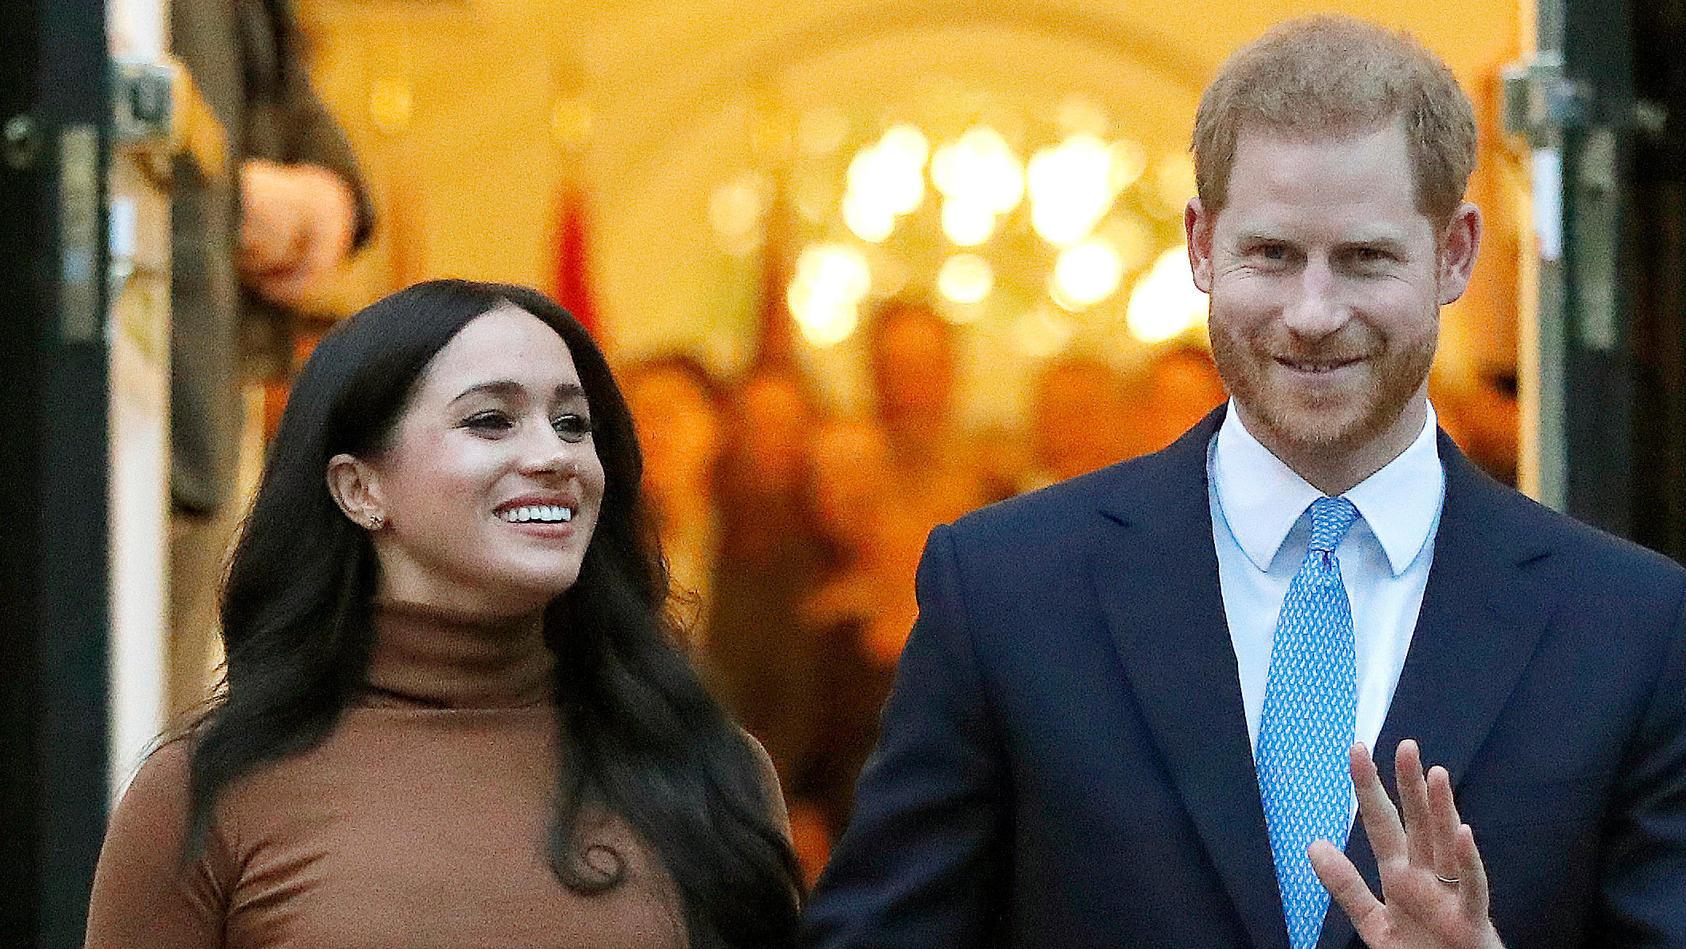 Prinz Harry und Herzogin Meghan: Was bringt ihr TV-Auftritt?